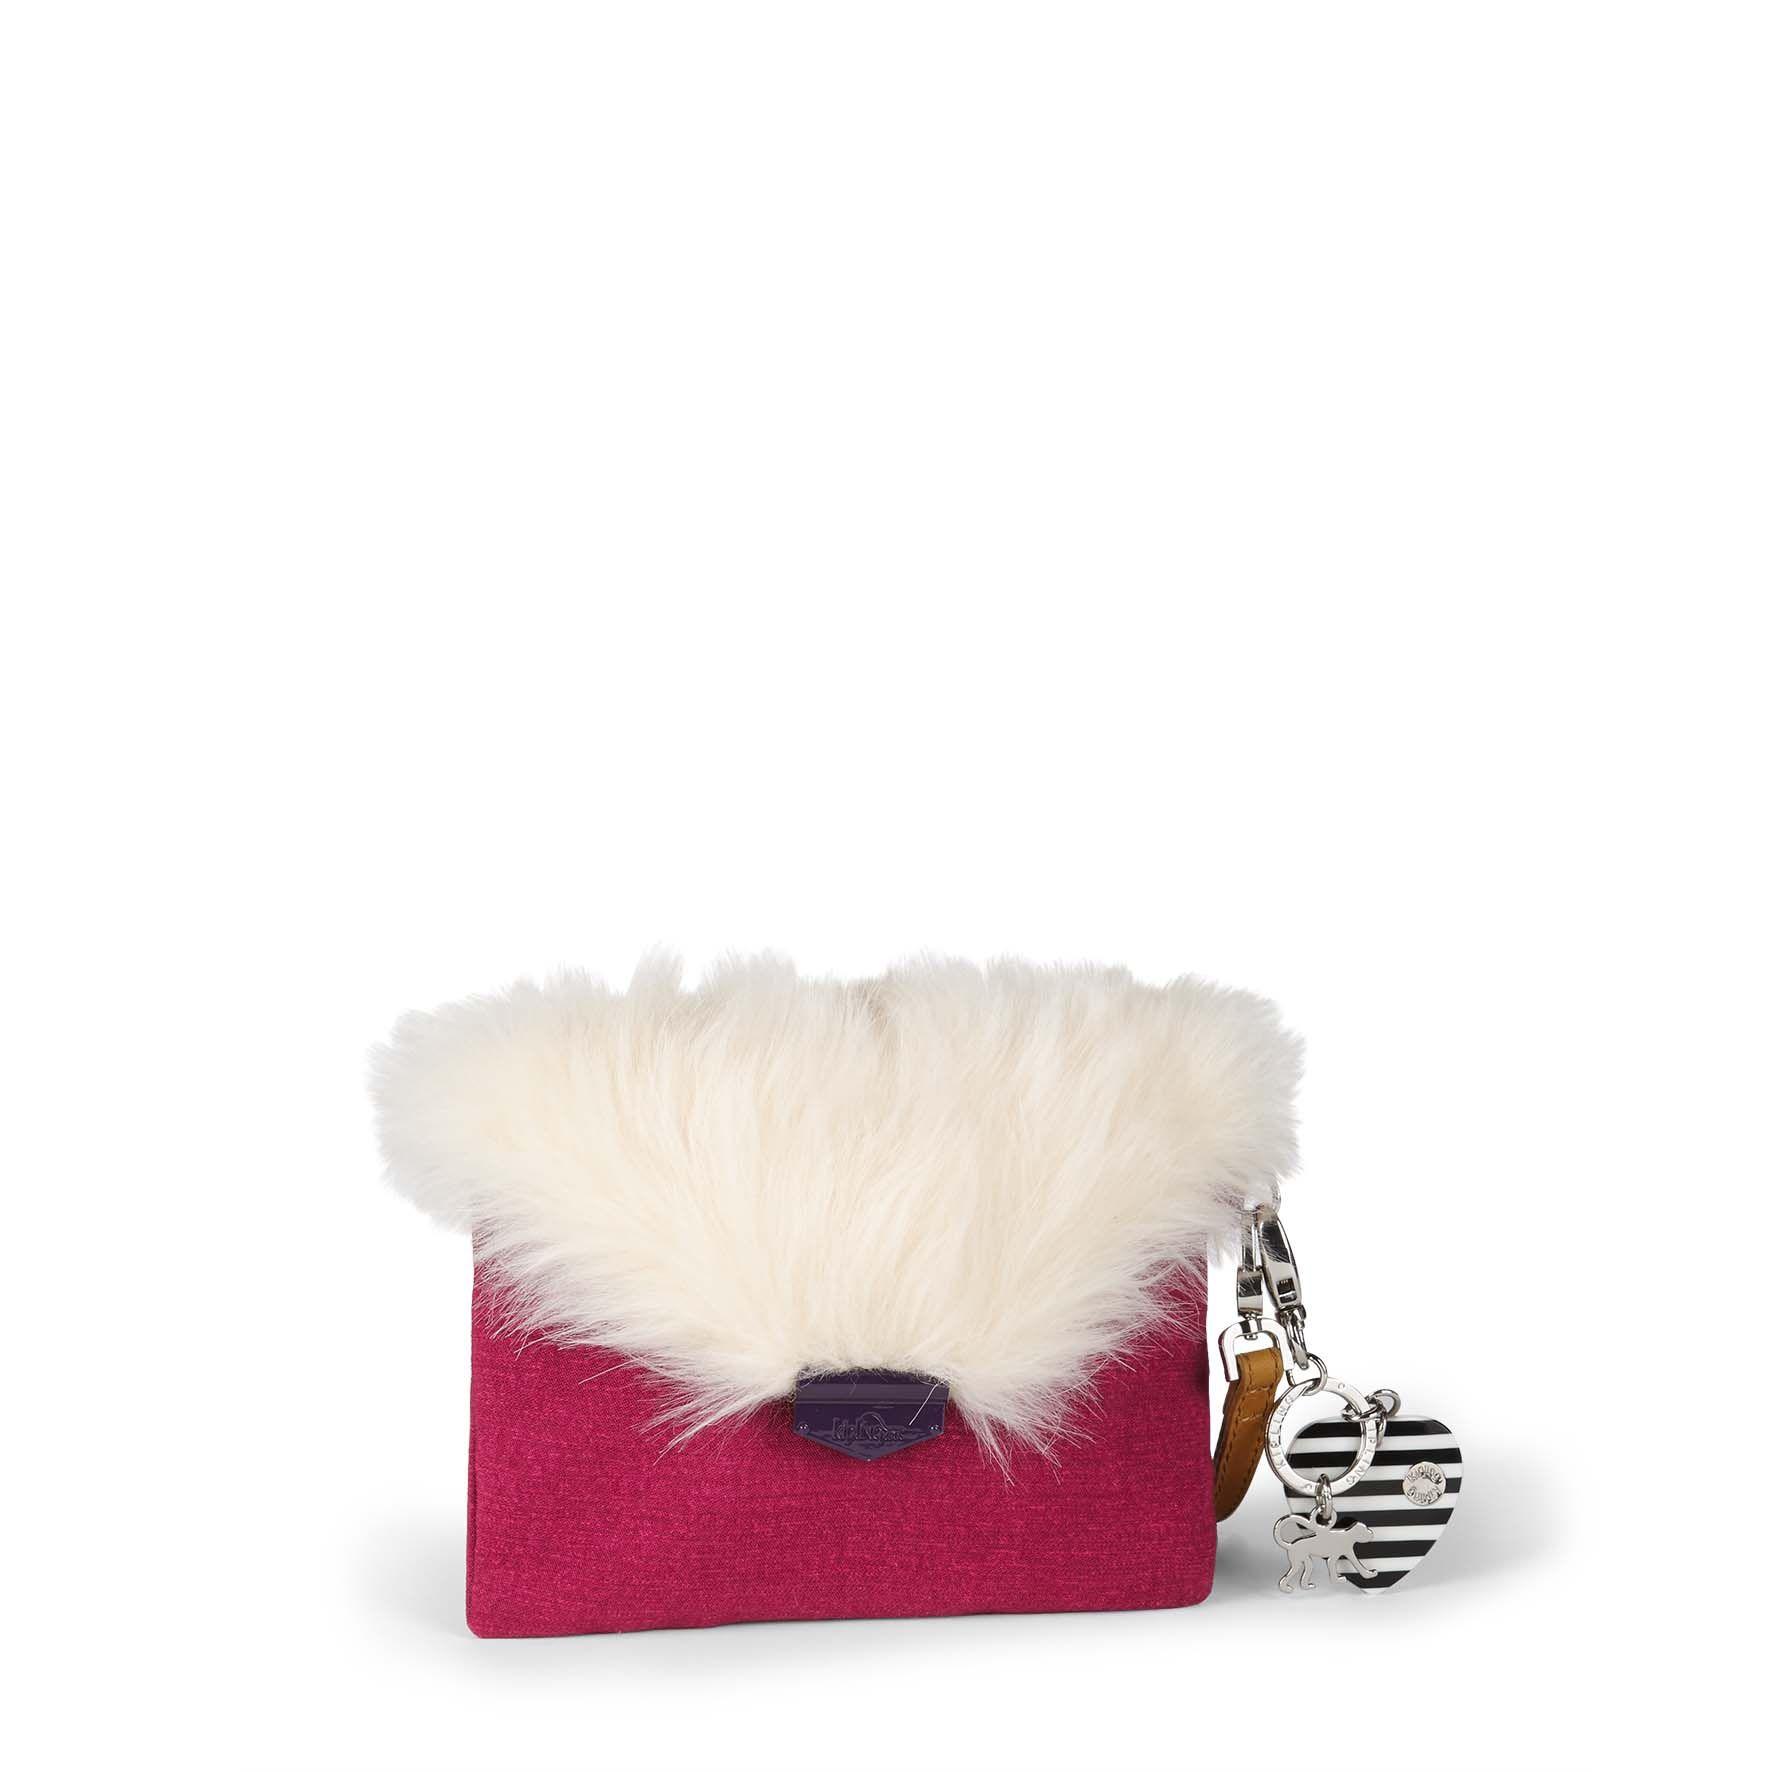 תיק קלאץ קטן Furry Phaenna - Berryברי